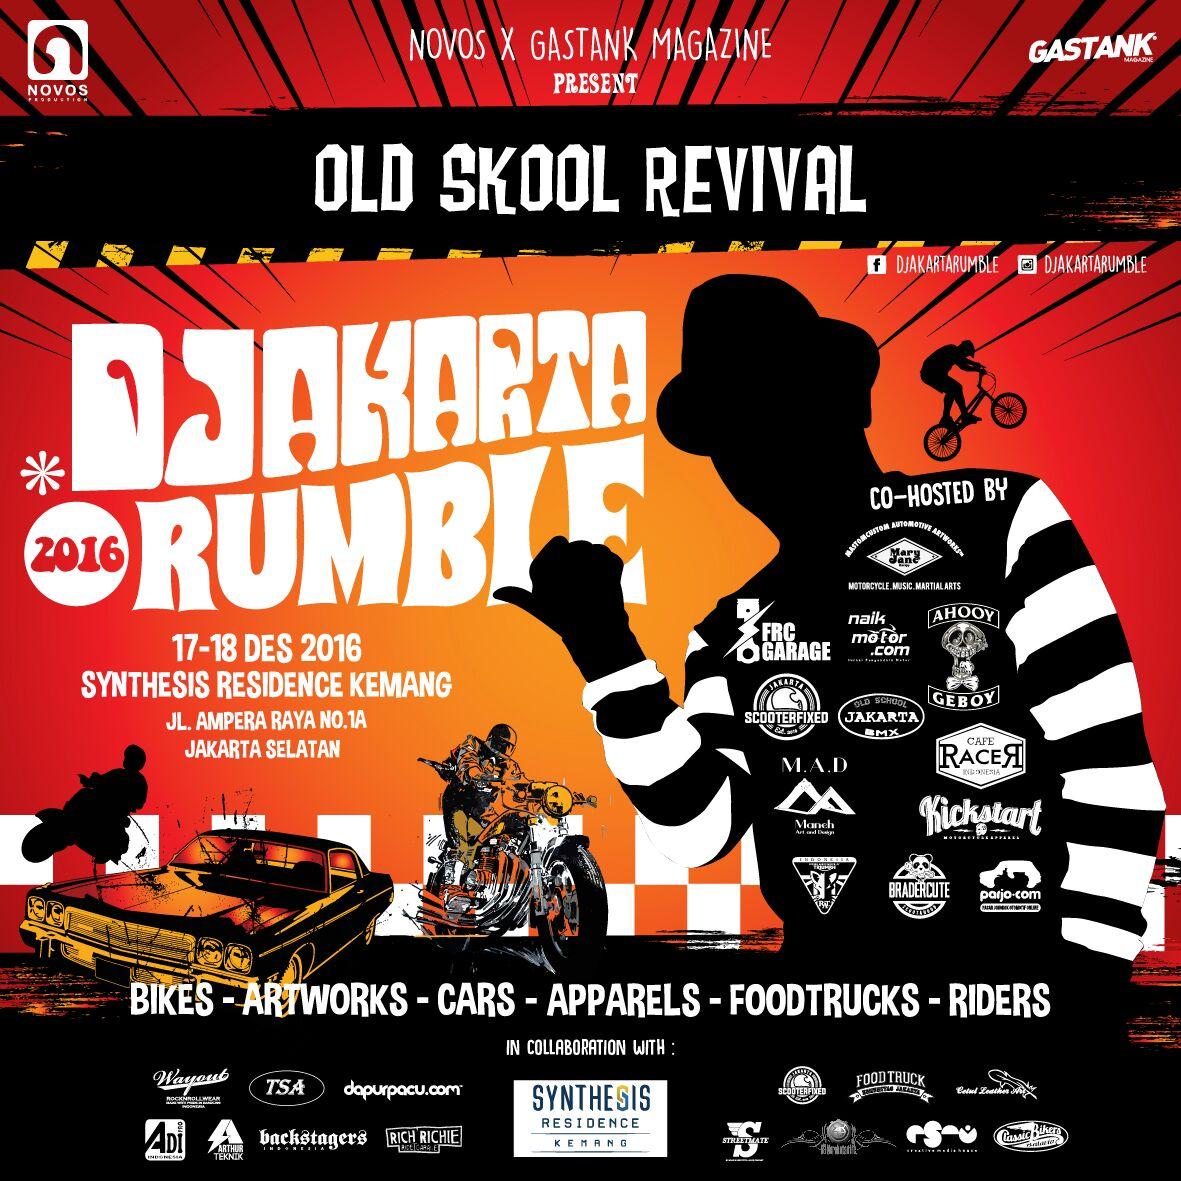 Djakarta Rumble 2016